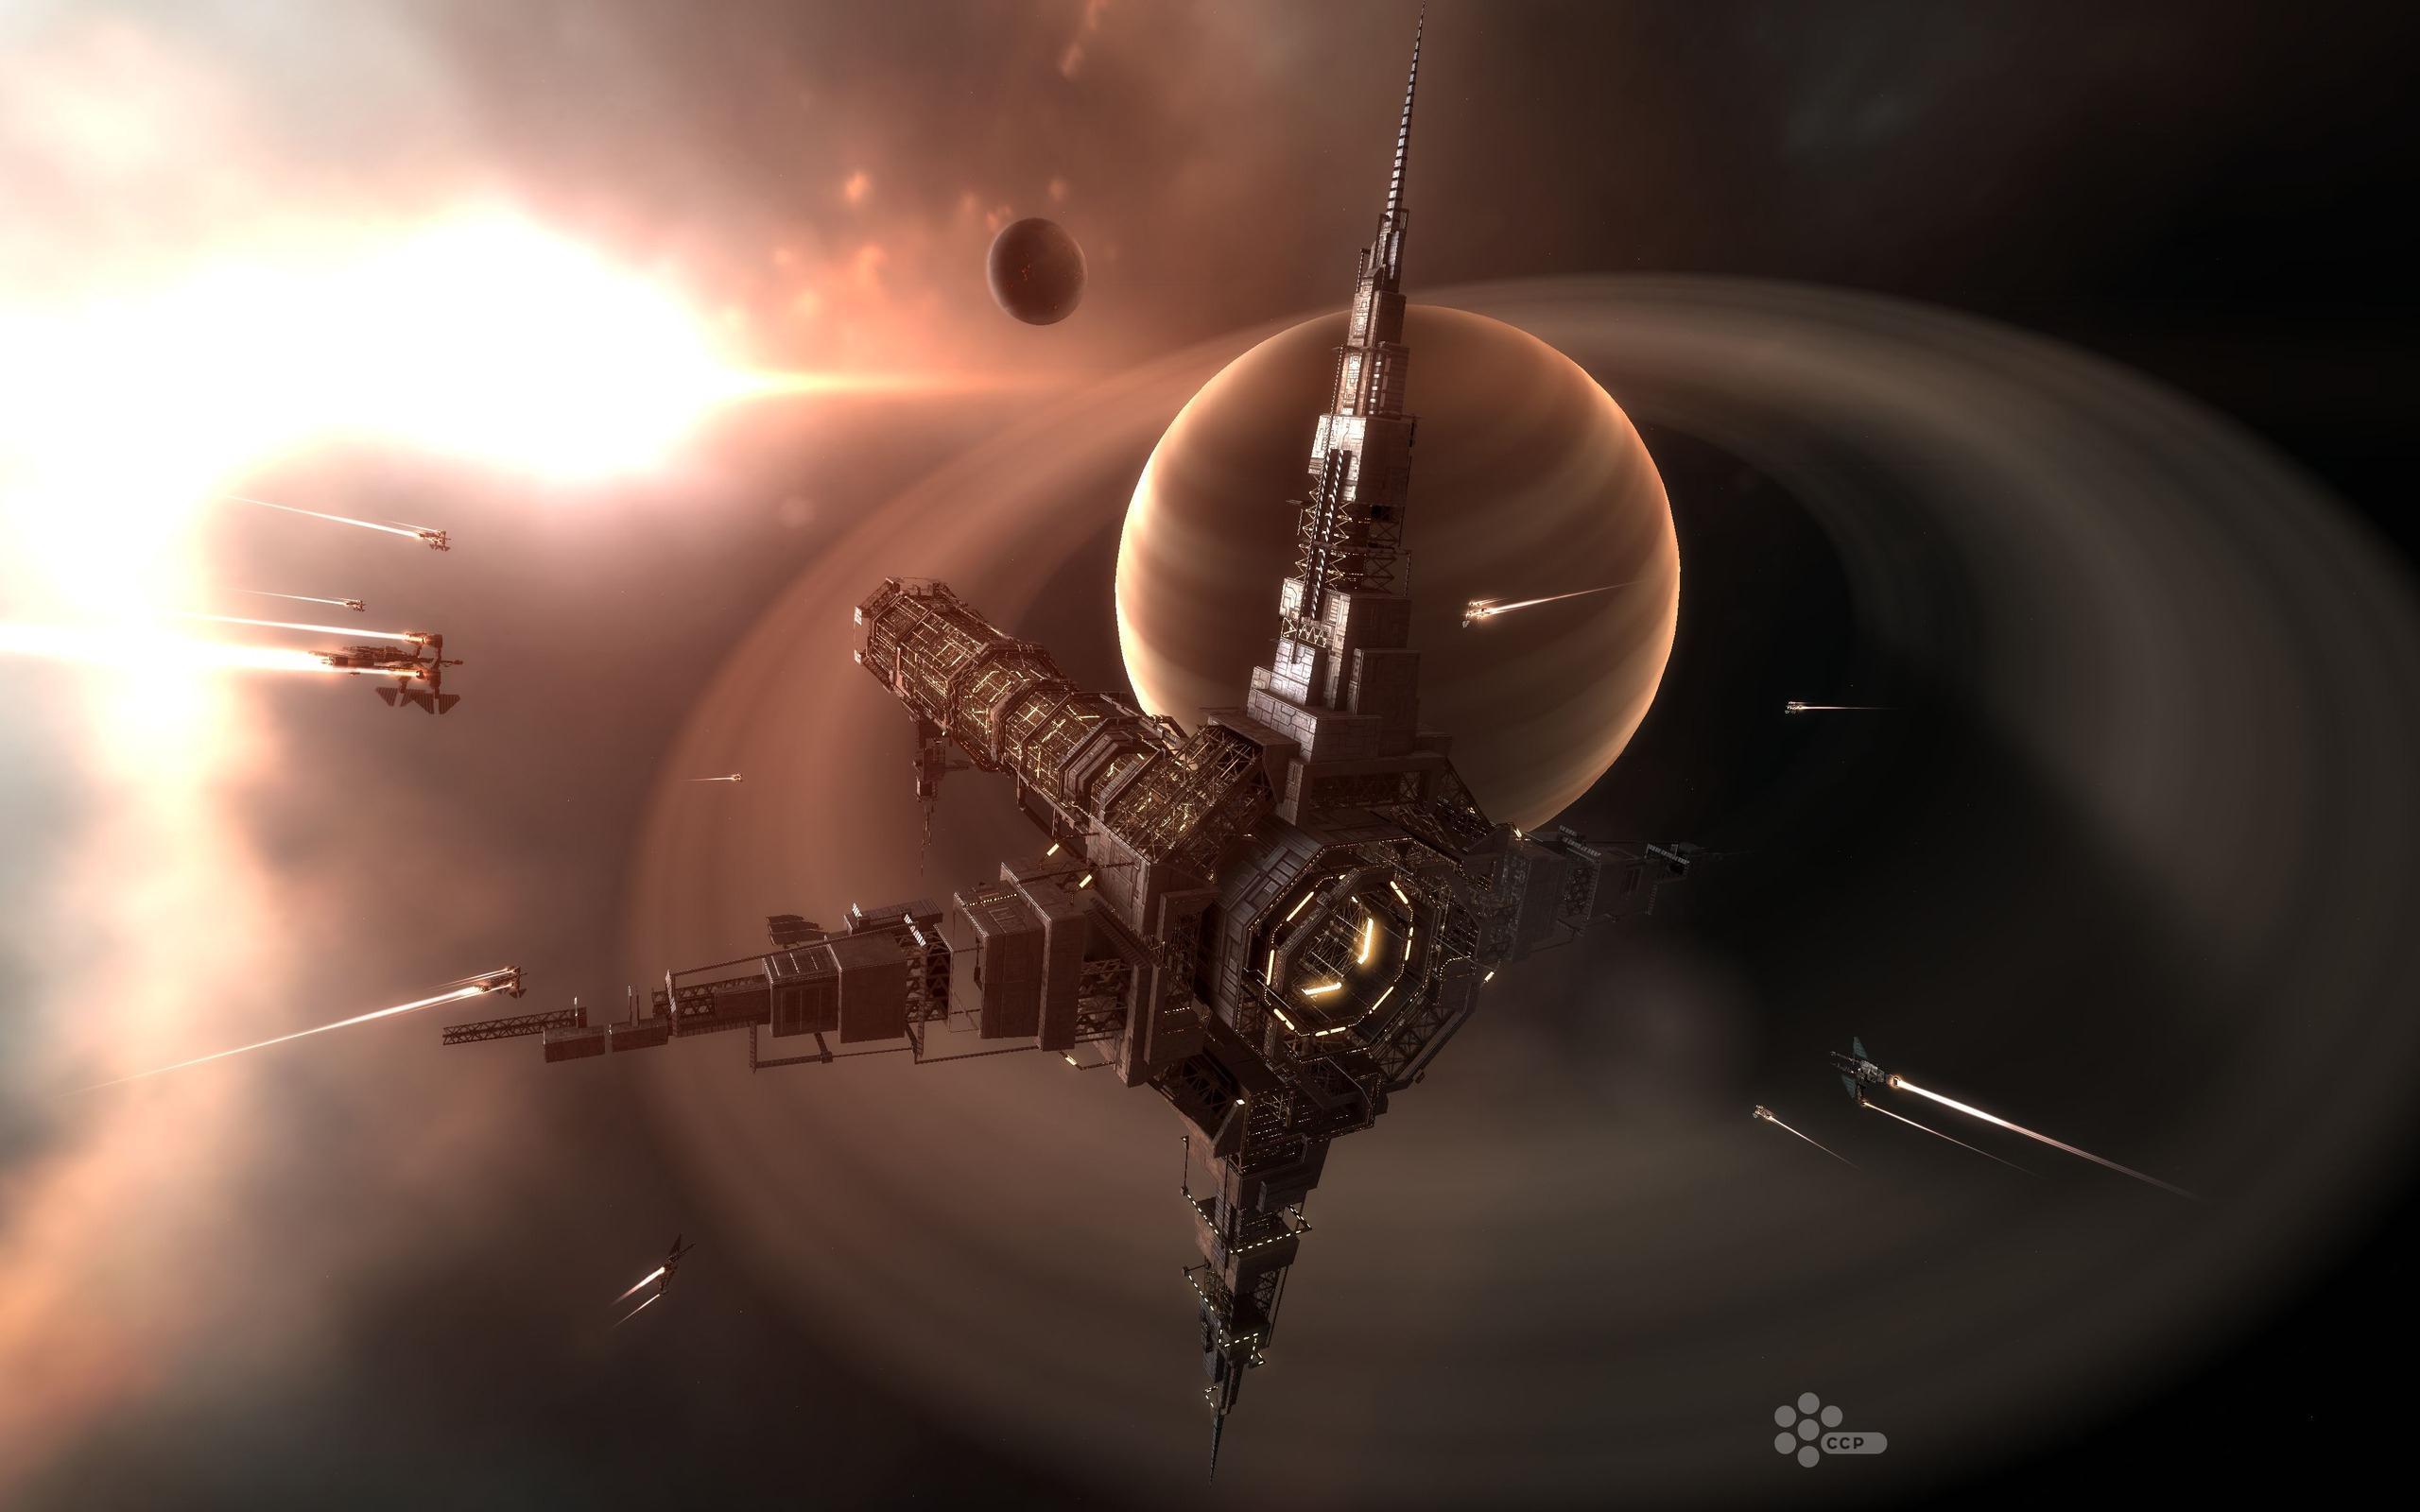 Обои космический корабль планета картинки на рабочий стол на тему Космос - скачать  № 3950415 загрузить